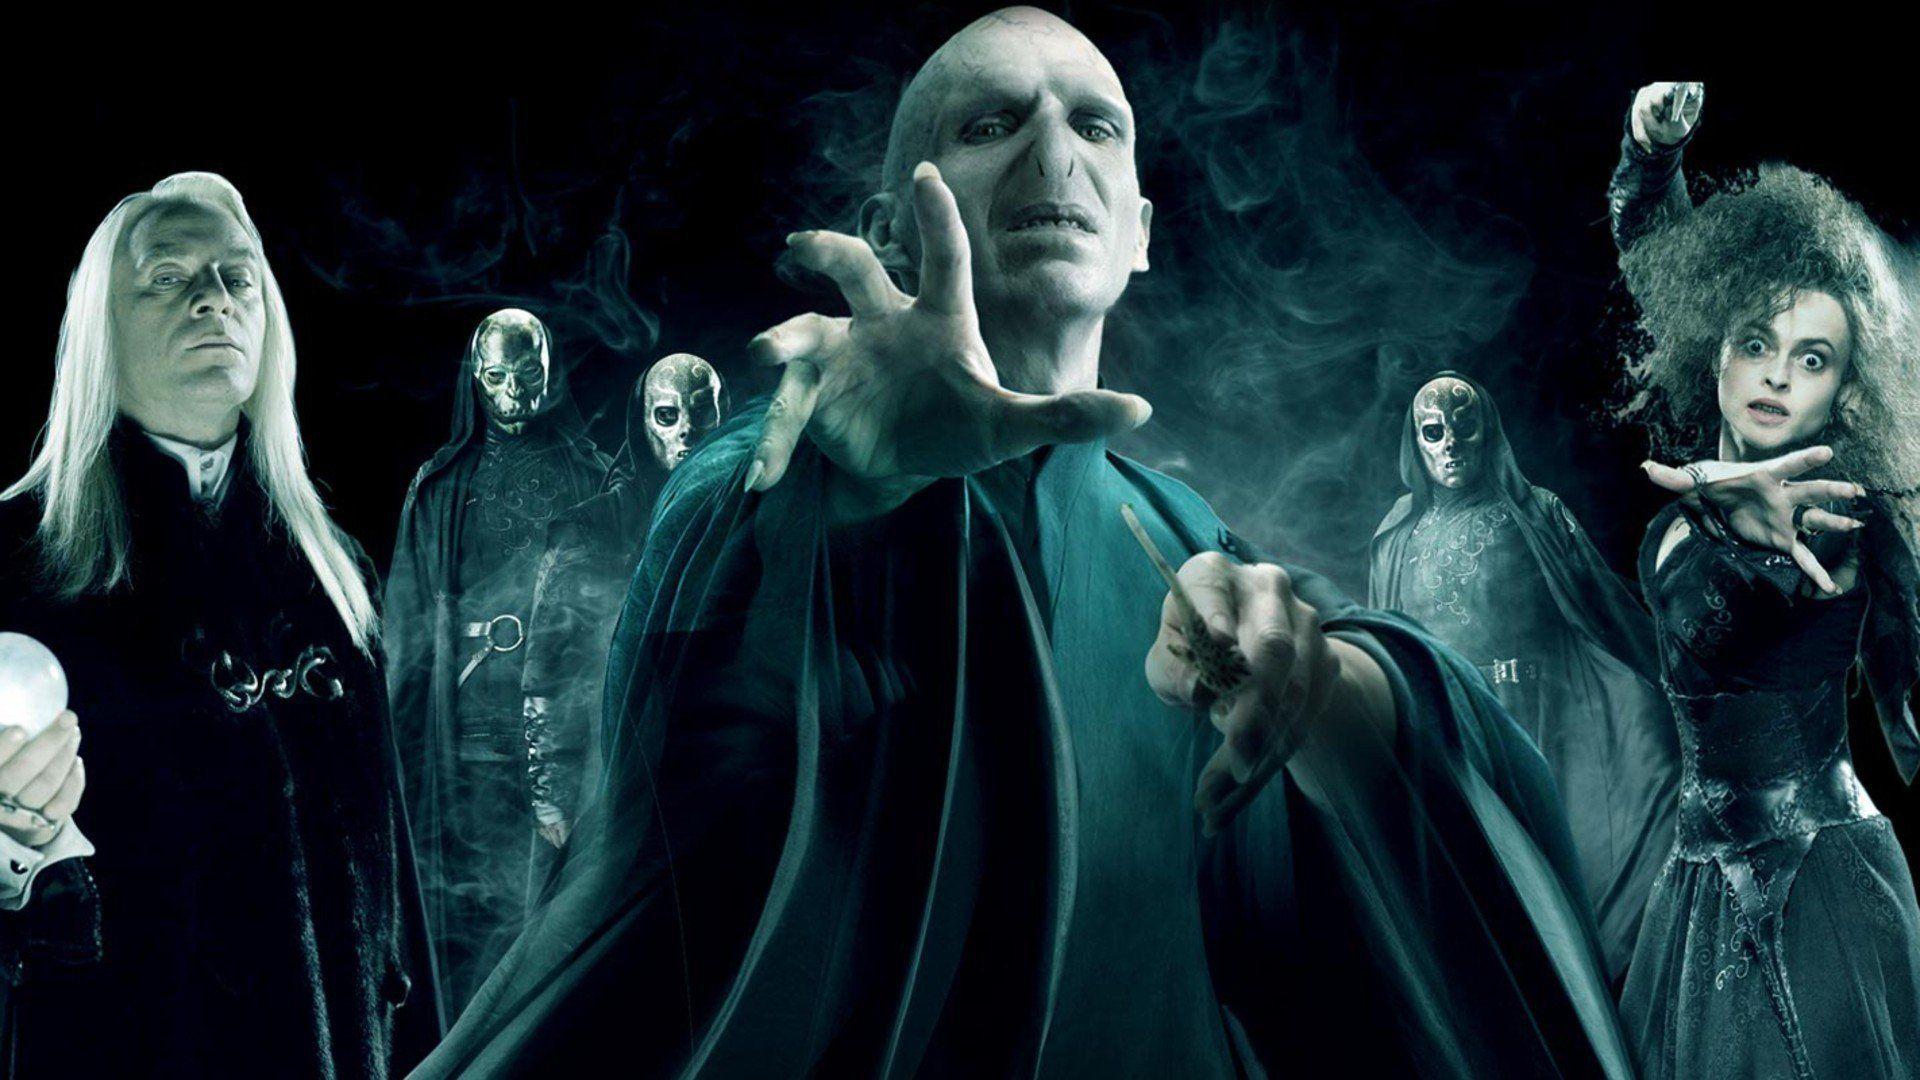 Voldemort Wallpapers Wallpaper Harry Potter Death Harry Potter Villains Voldemort And Bellatrix